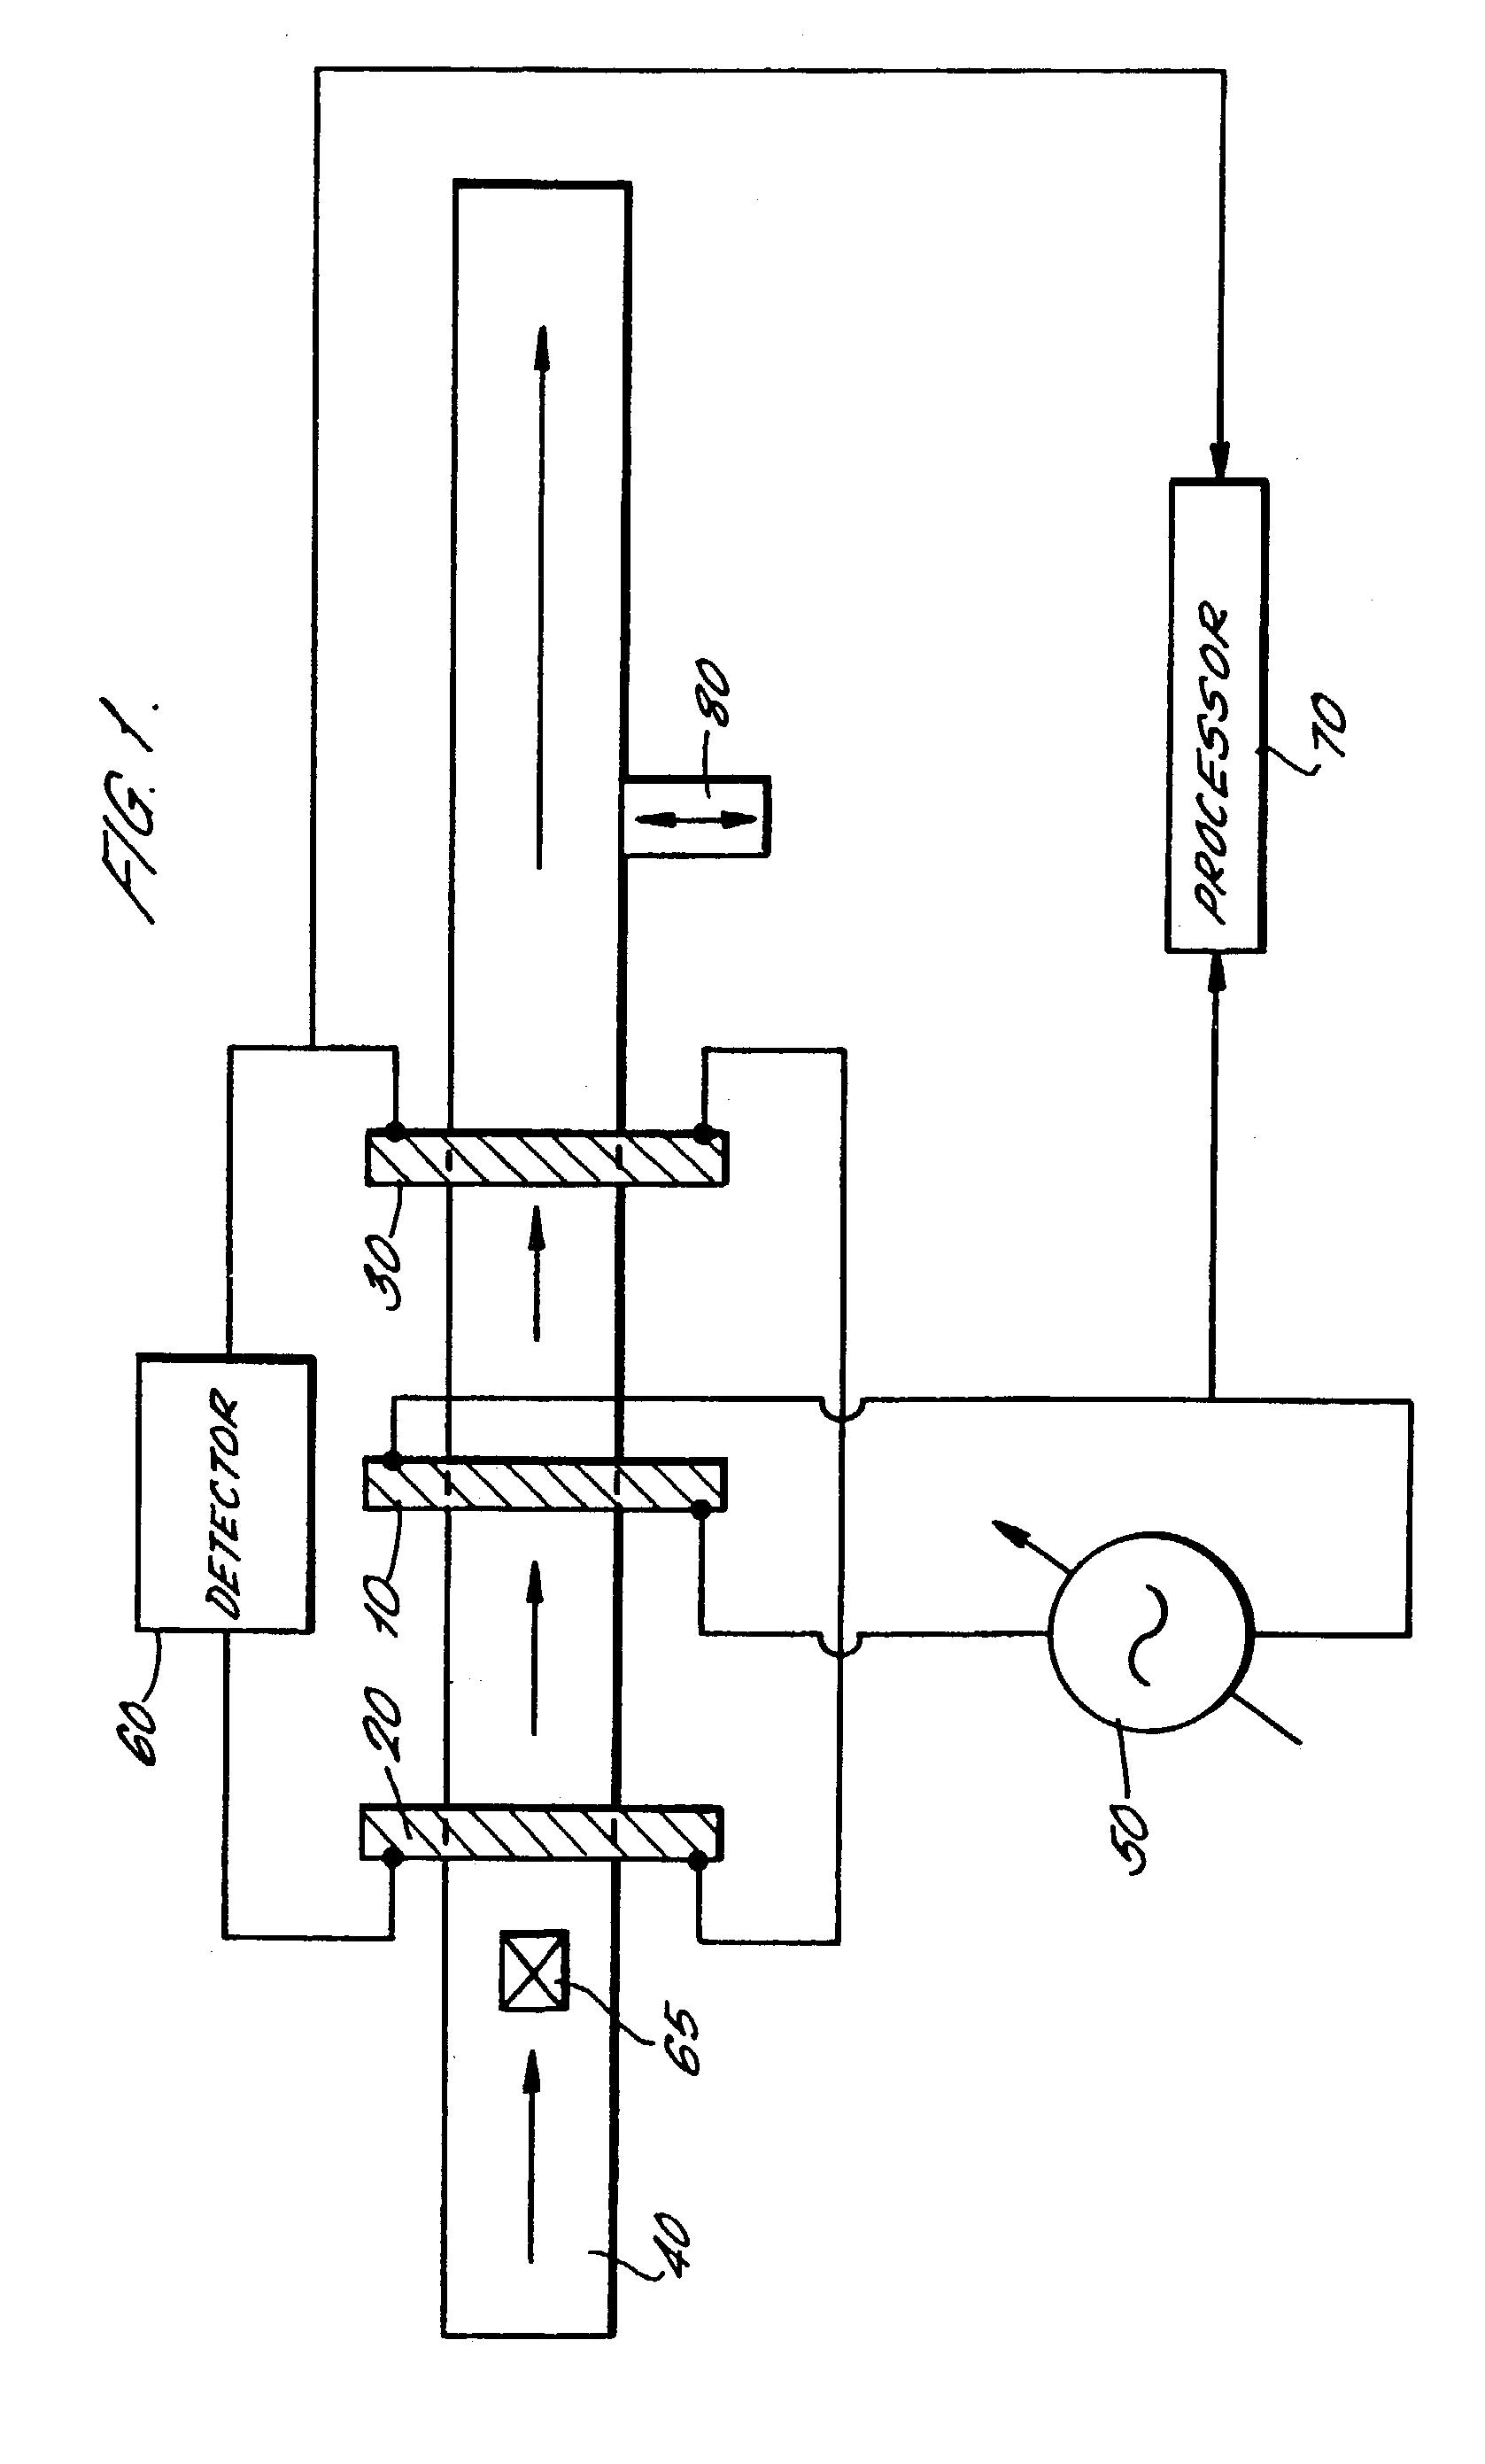 patent us7061236 - metal detector